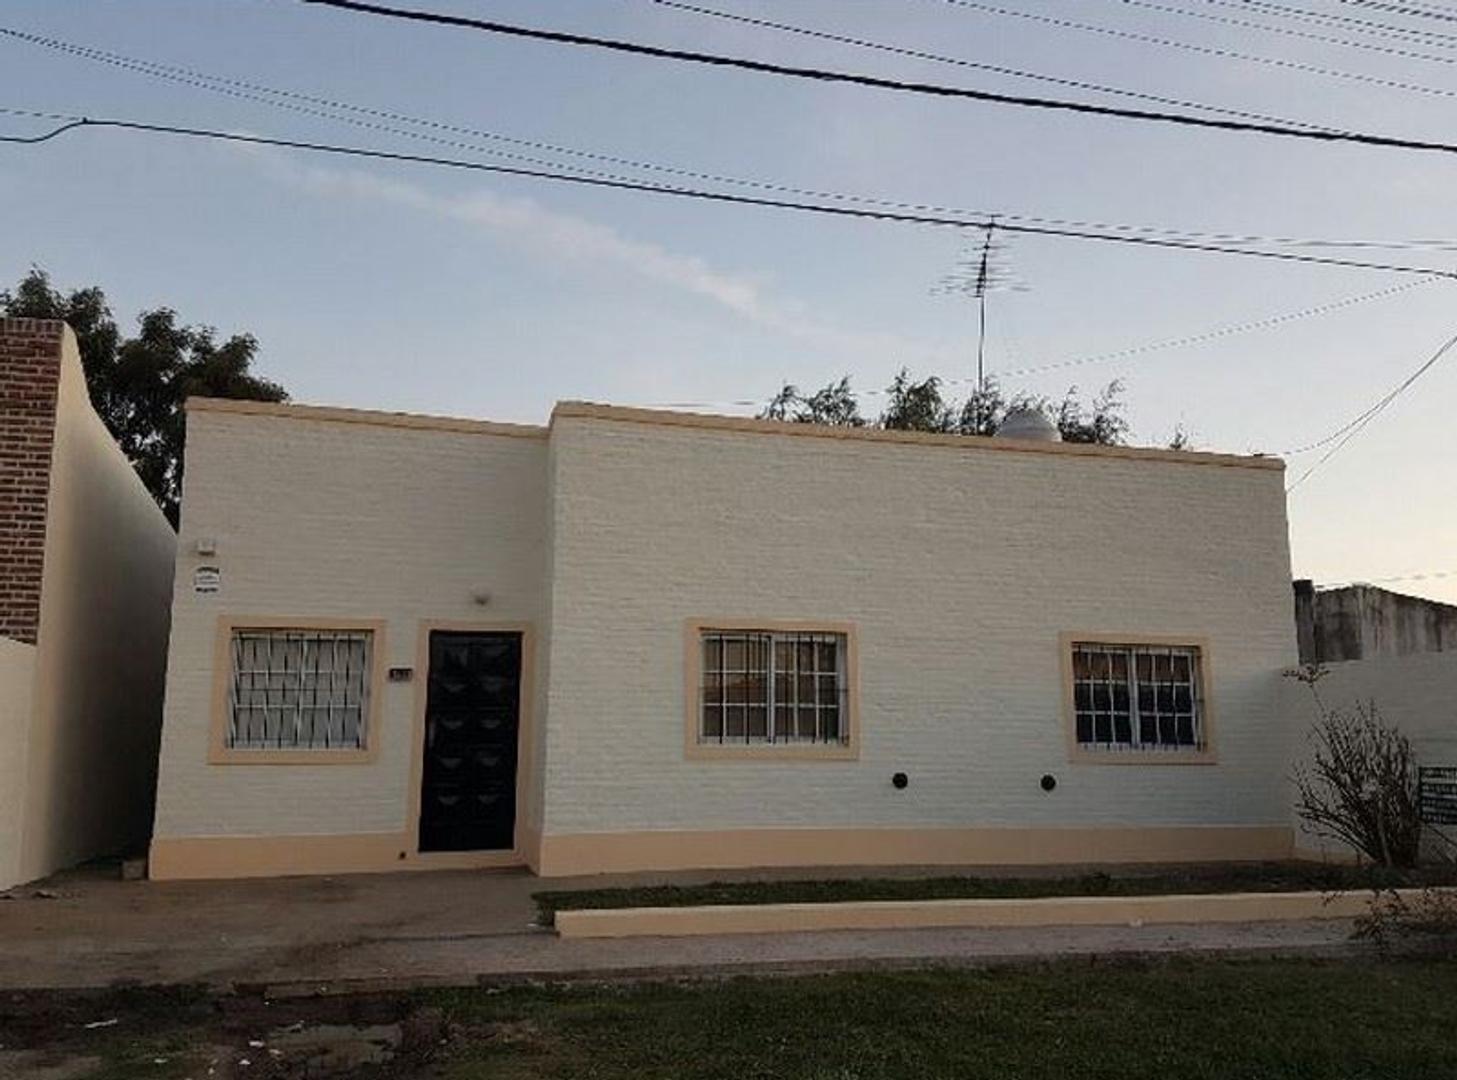 Se vende casa con local en Calle Quintana y Larrañaga, San Andrés de Giles COD A 123